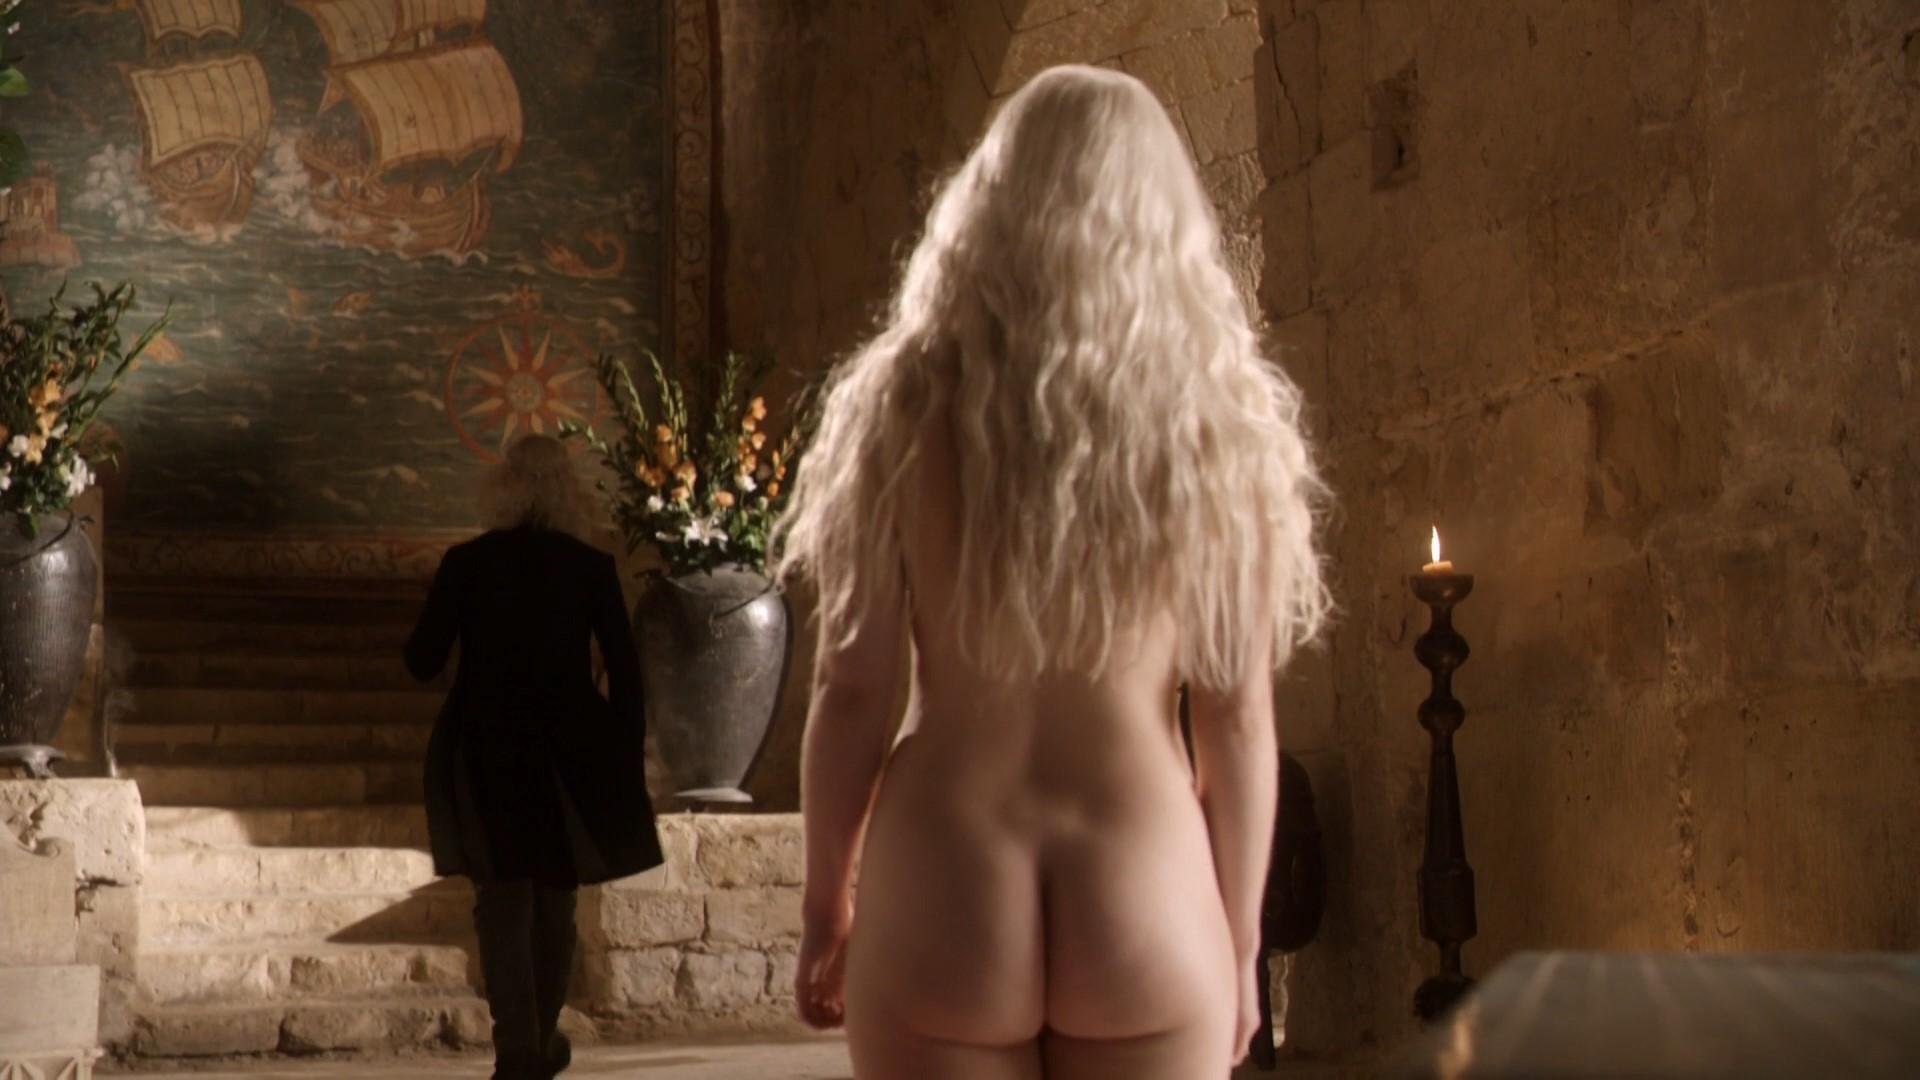 clarke nude Emilia thrones